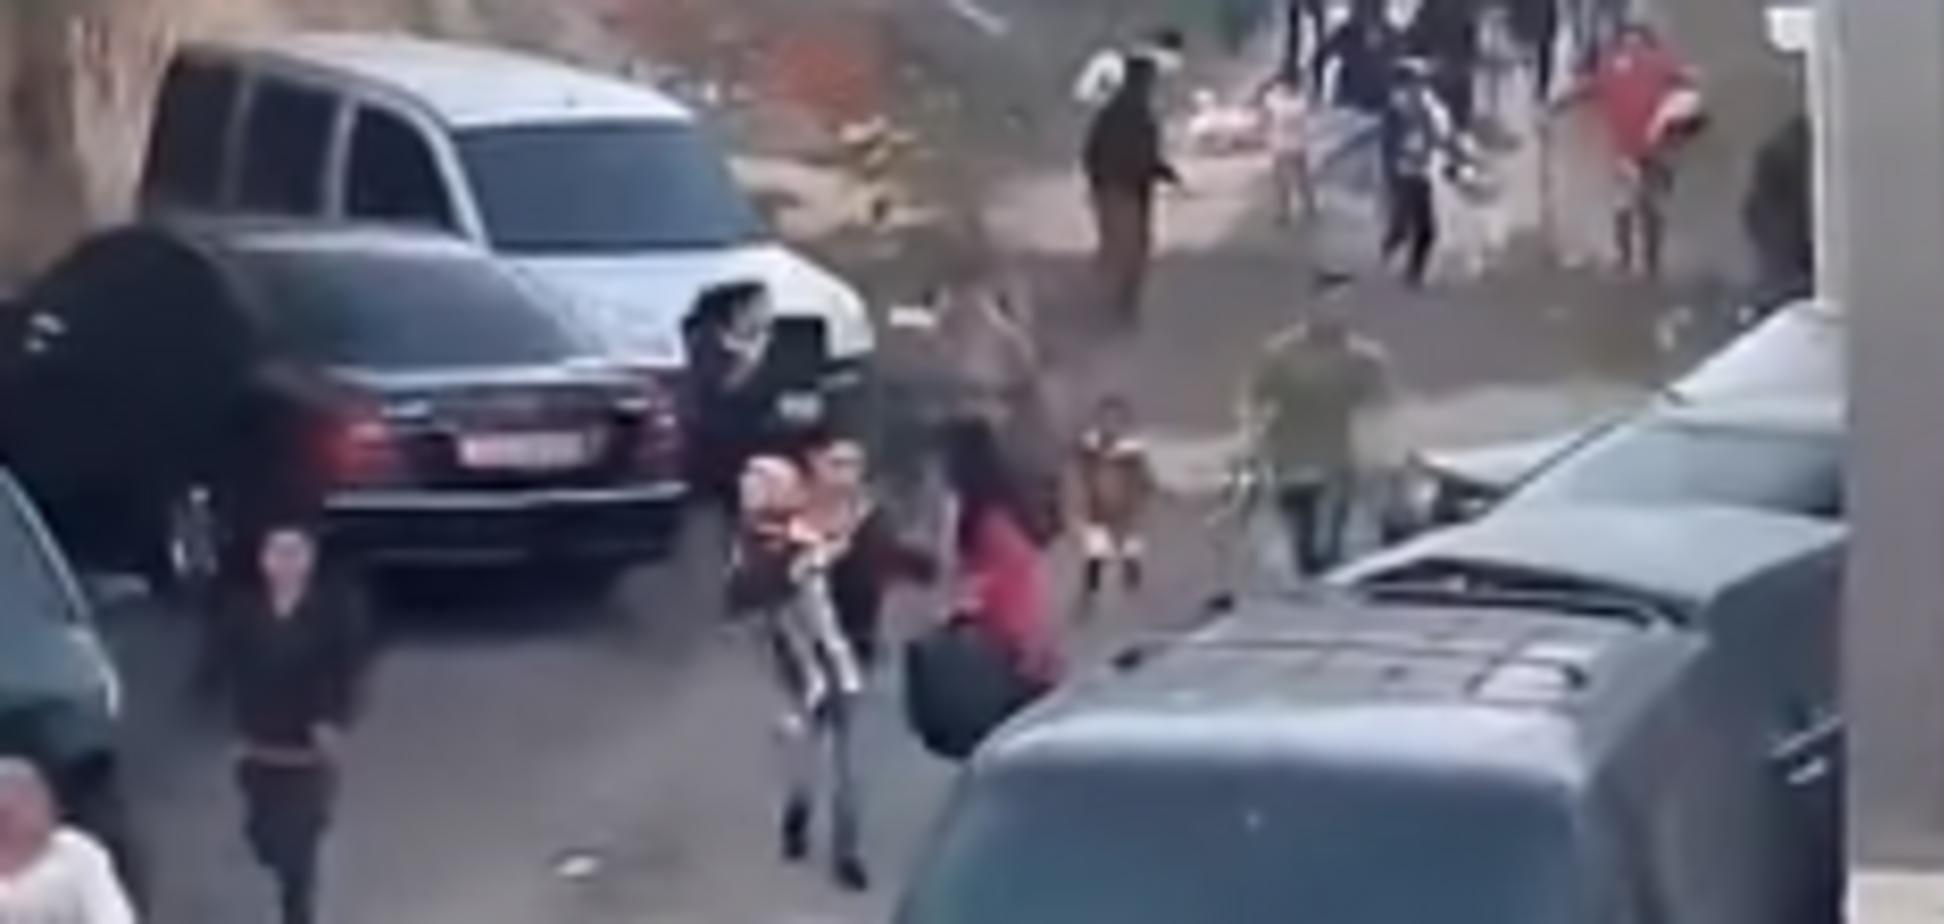 Разгон ромов на Лысой горе в Киеве: появилось новое видео